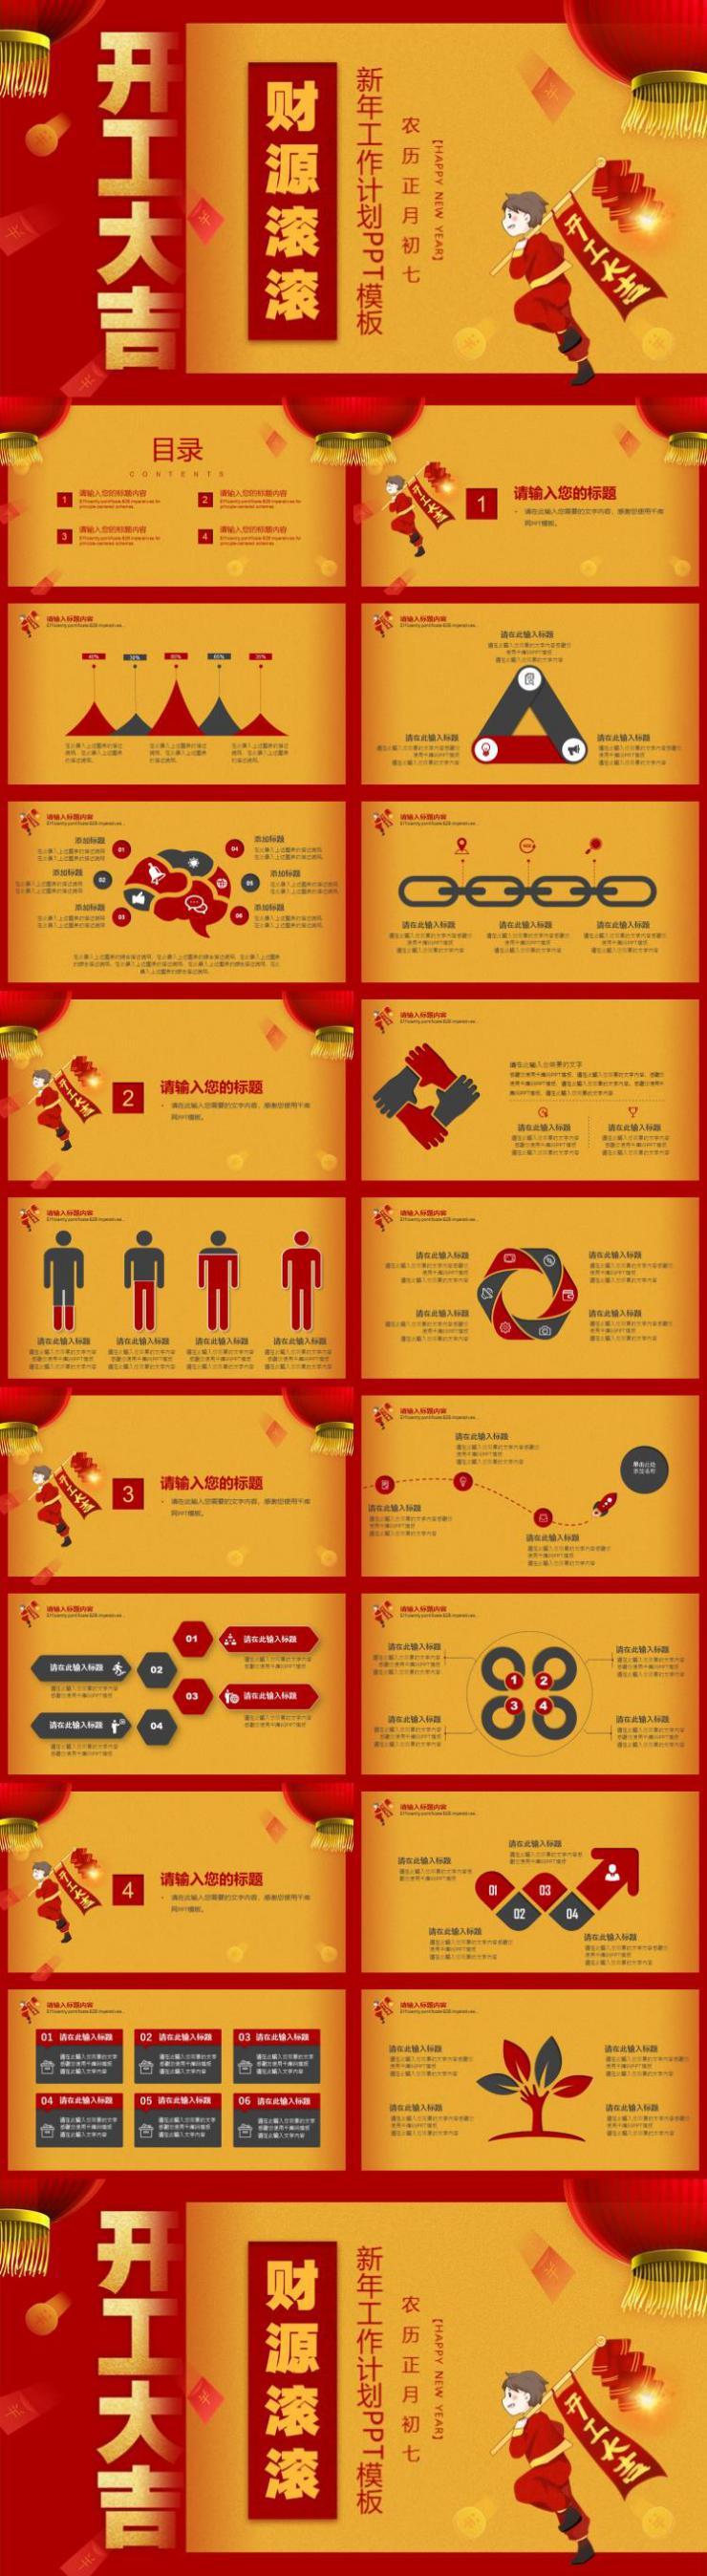 红色开工大吉新年工作计划PPT模板